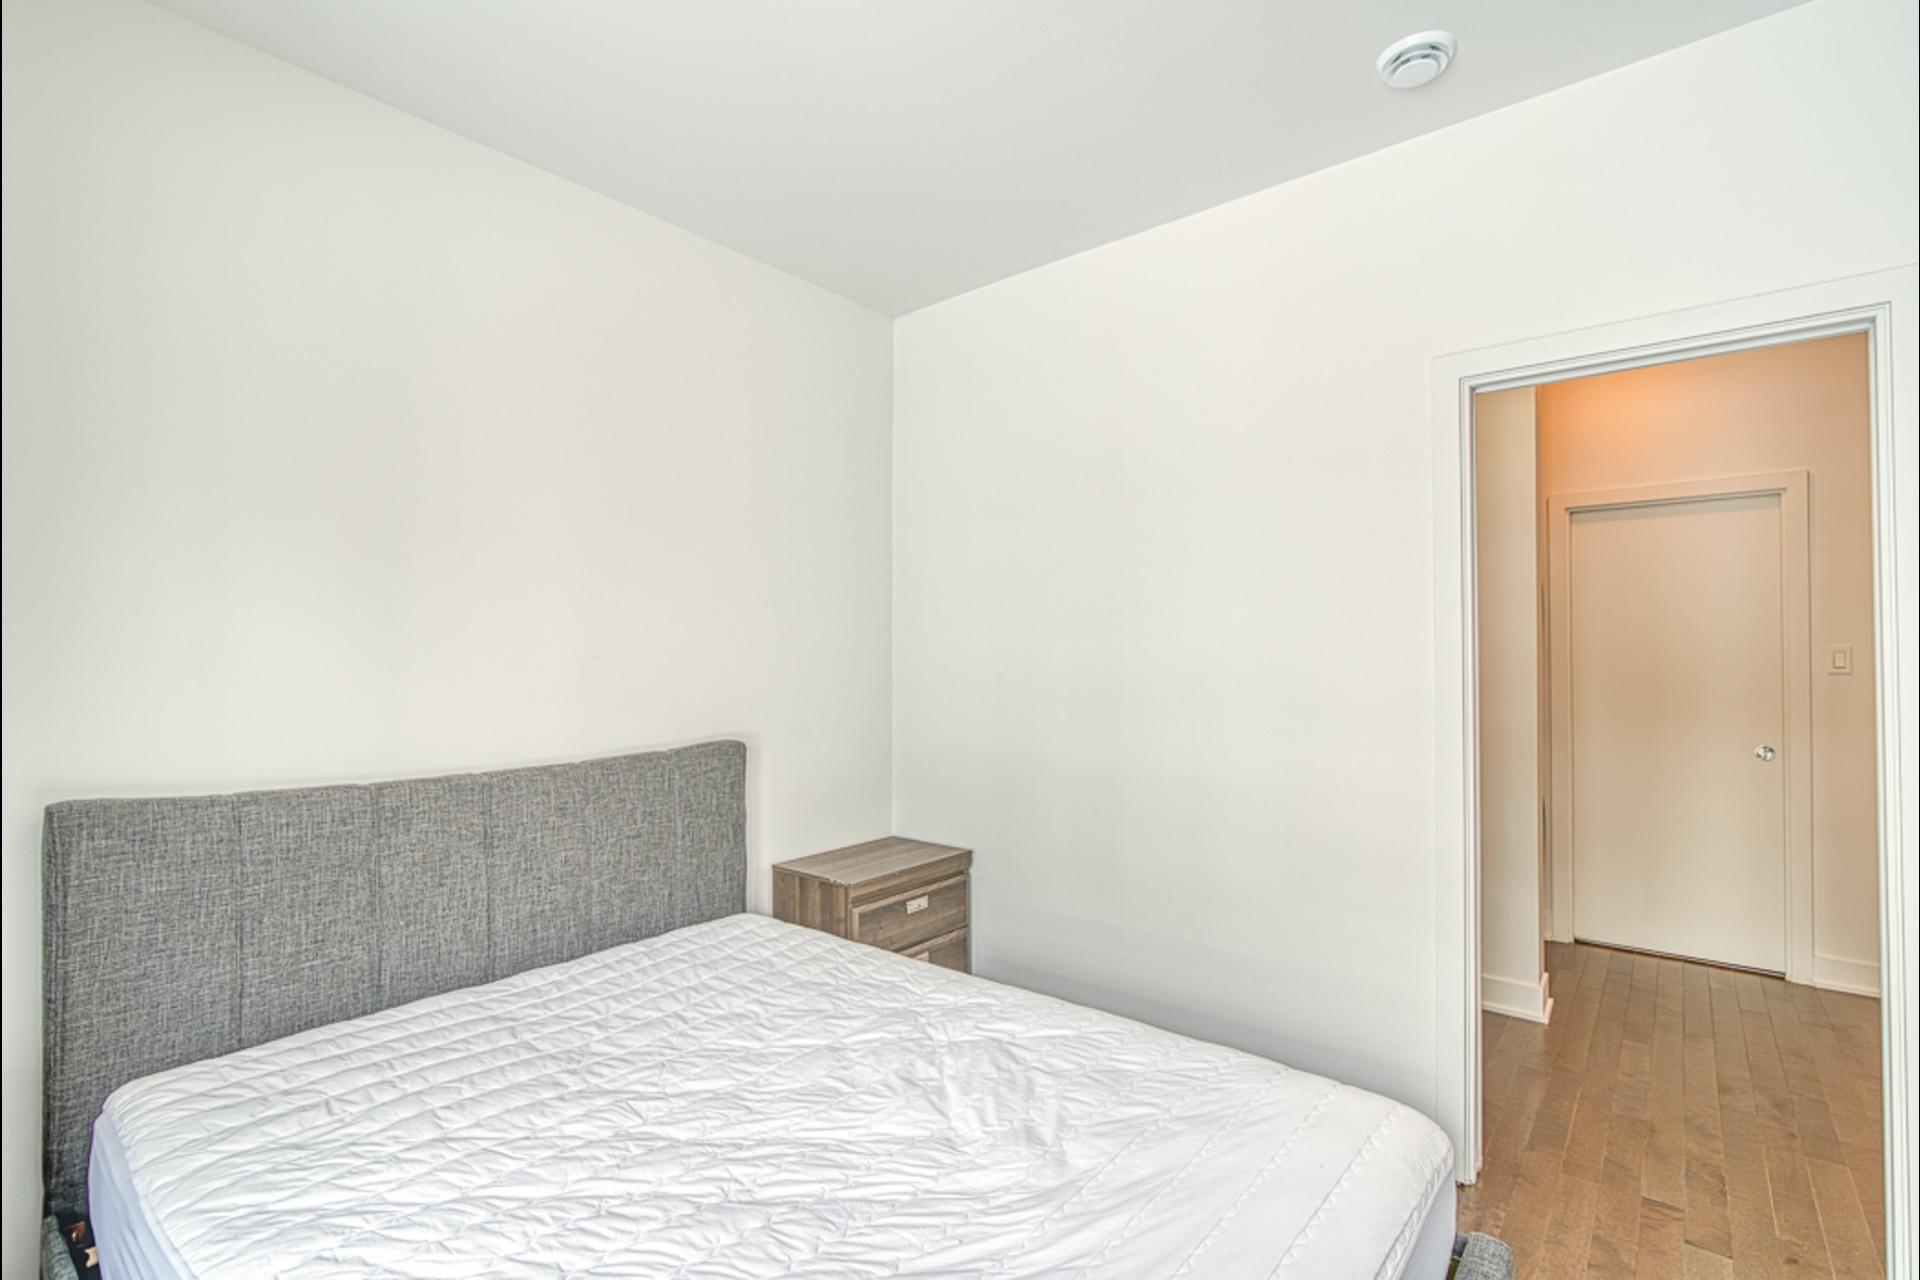 image 11 - MX - Condominio vertical - MX Para alquiler Montréal - 3 habitaciones